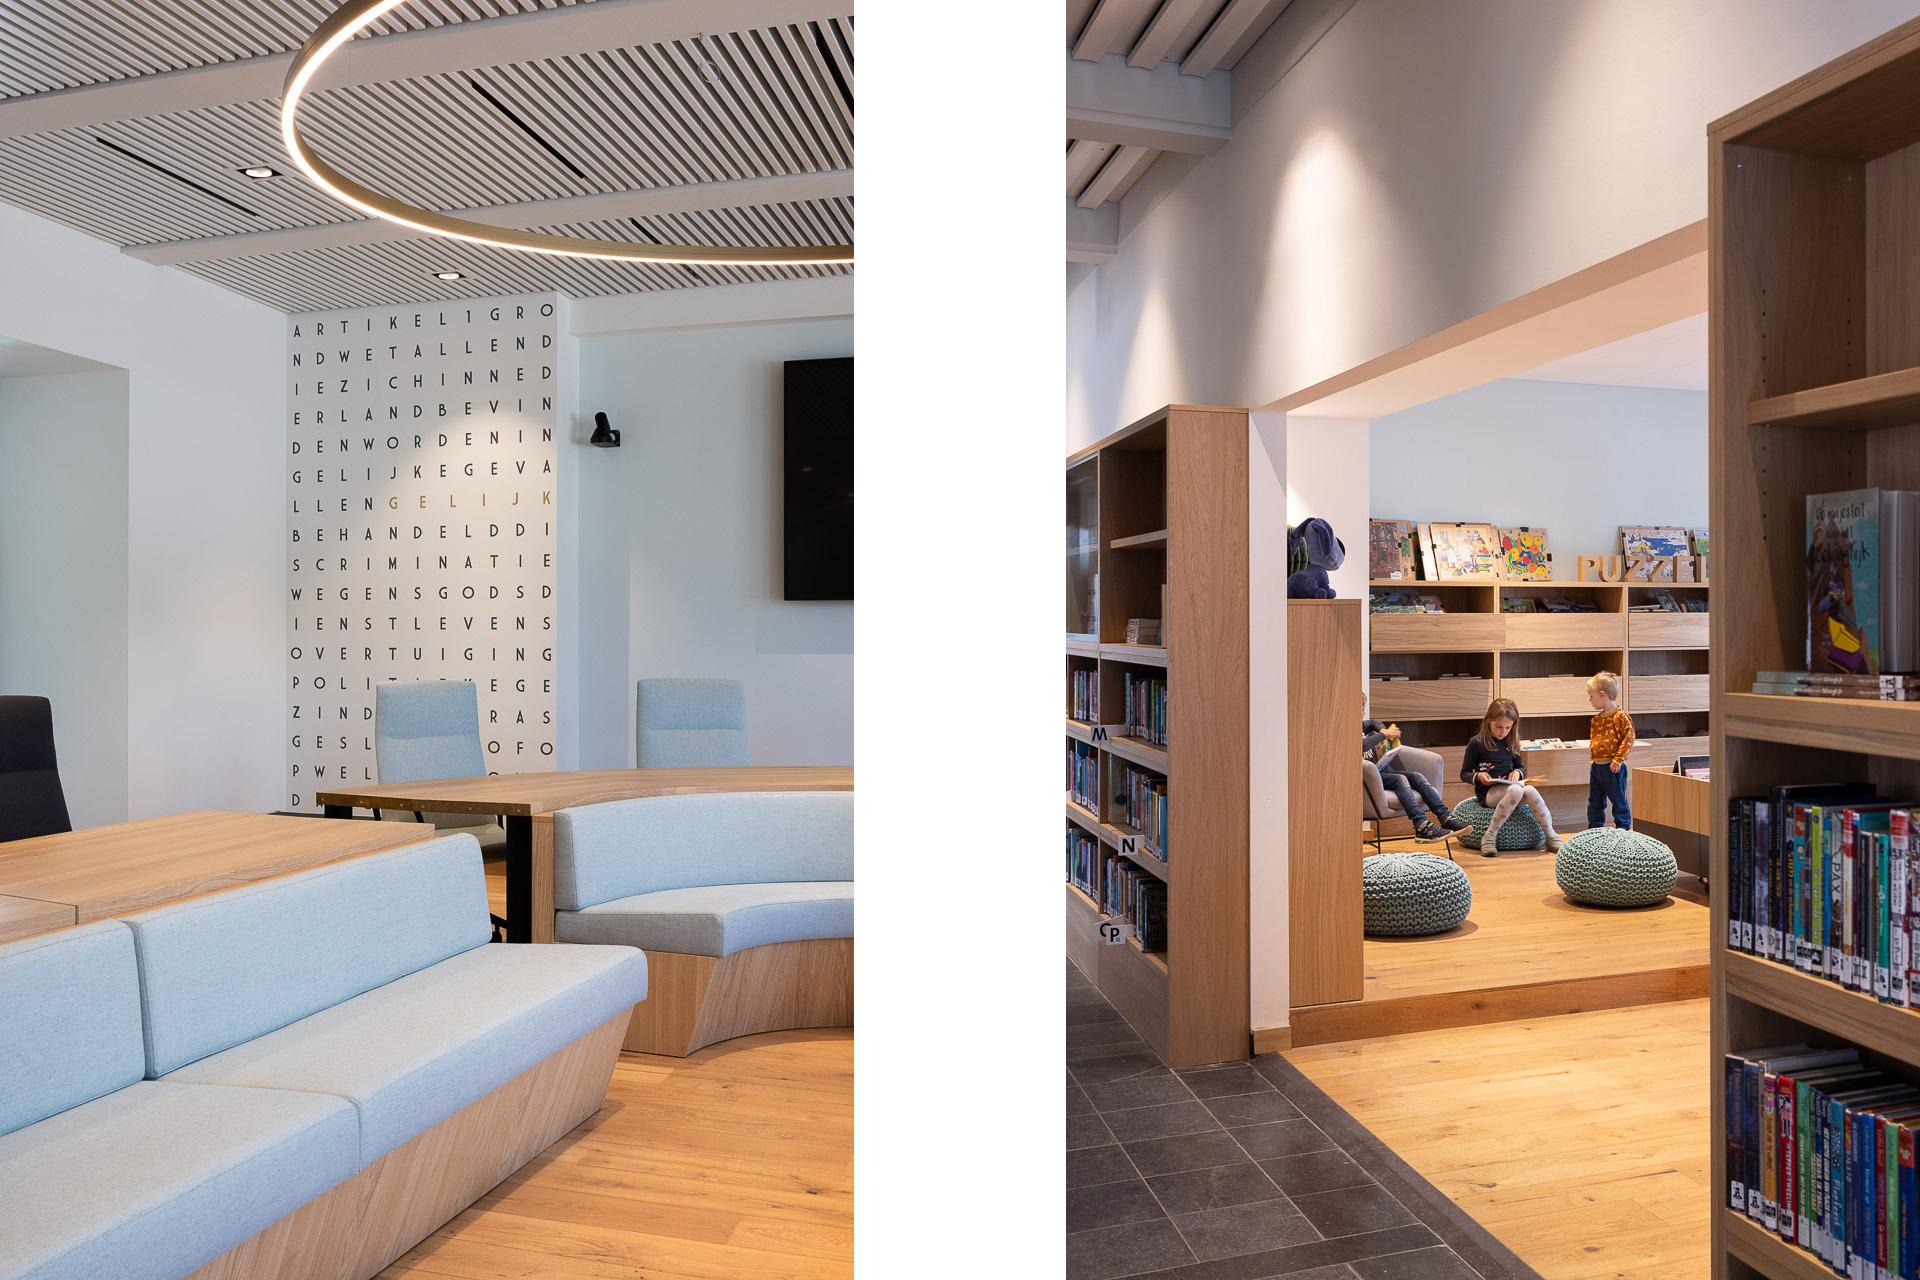 SP2020-Gemeentehuis-Alblasserdam-DP6-Architectuurfoto-interieurfoto-7